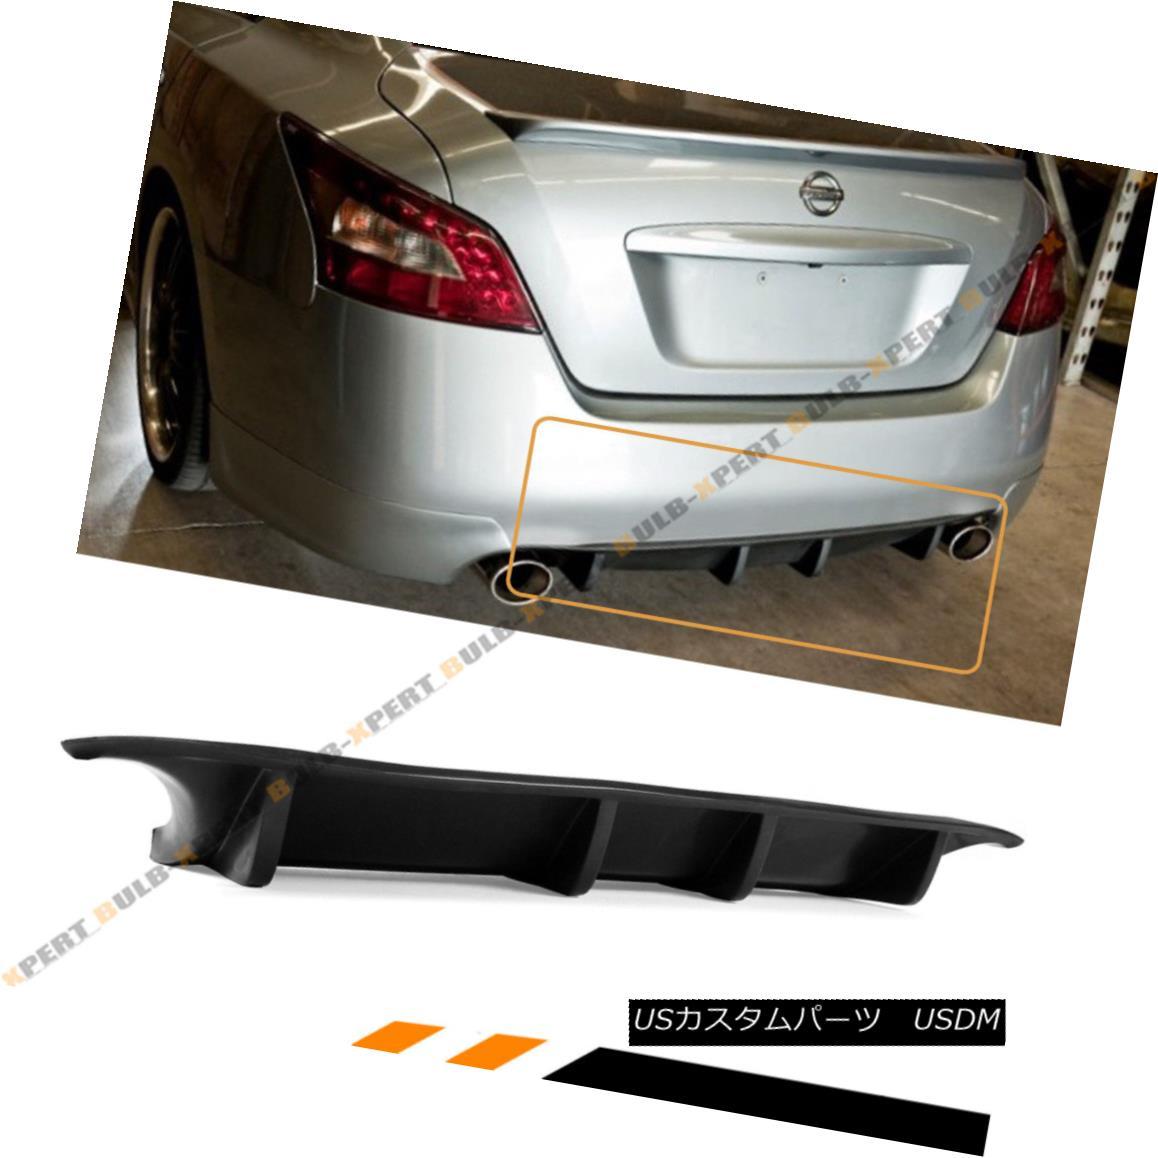 エアロパーツ For 2009-2014 7th Gen Nissan Maxima ST Style Shark Fin Rear Bumper Diffuser Lip 2009-2014 7th Gen日産マキシマSTスタイルシャークフィンリアバンパーディフューザーリップ